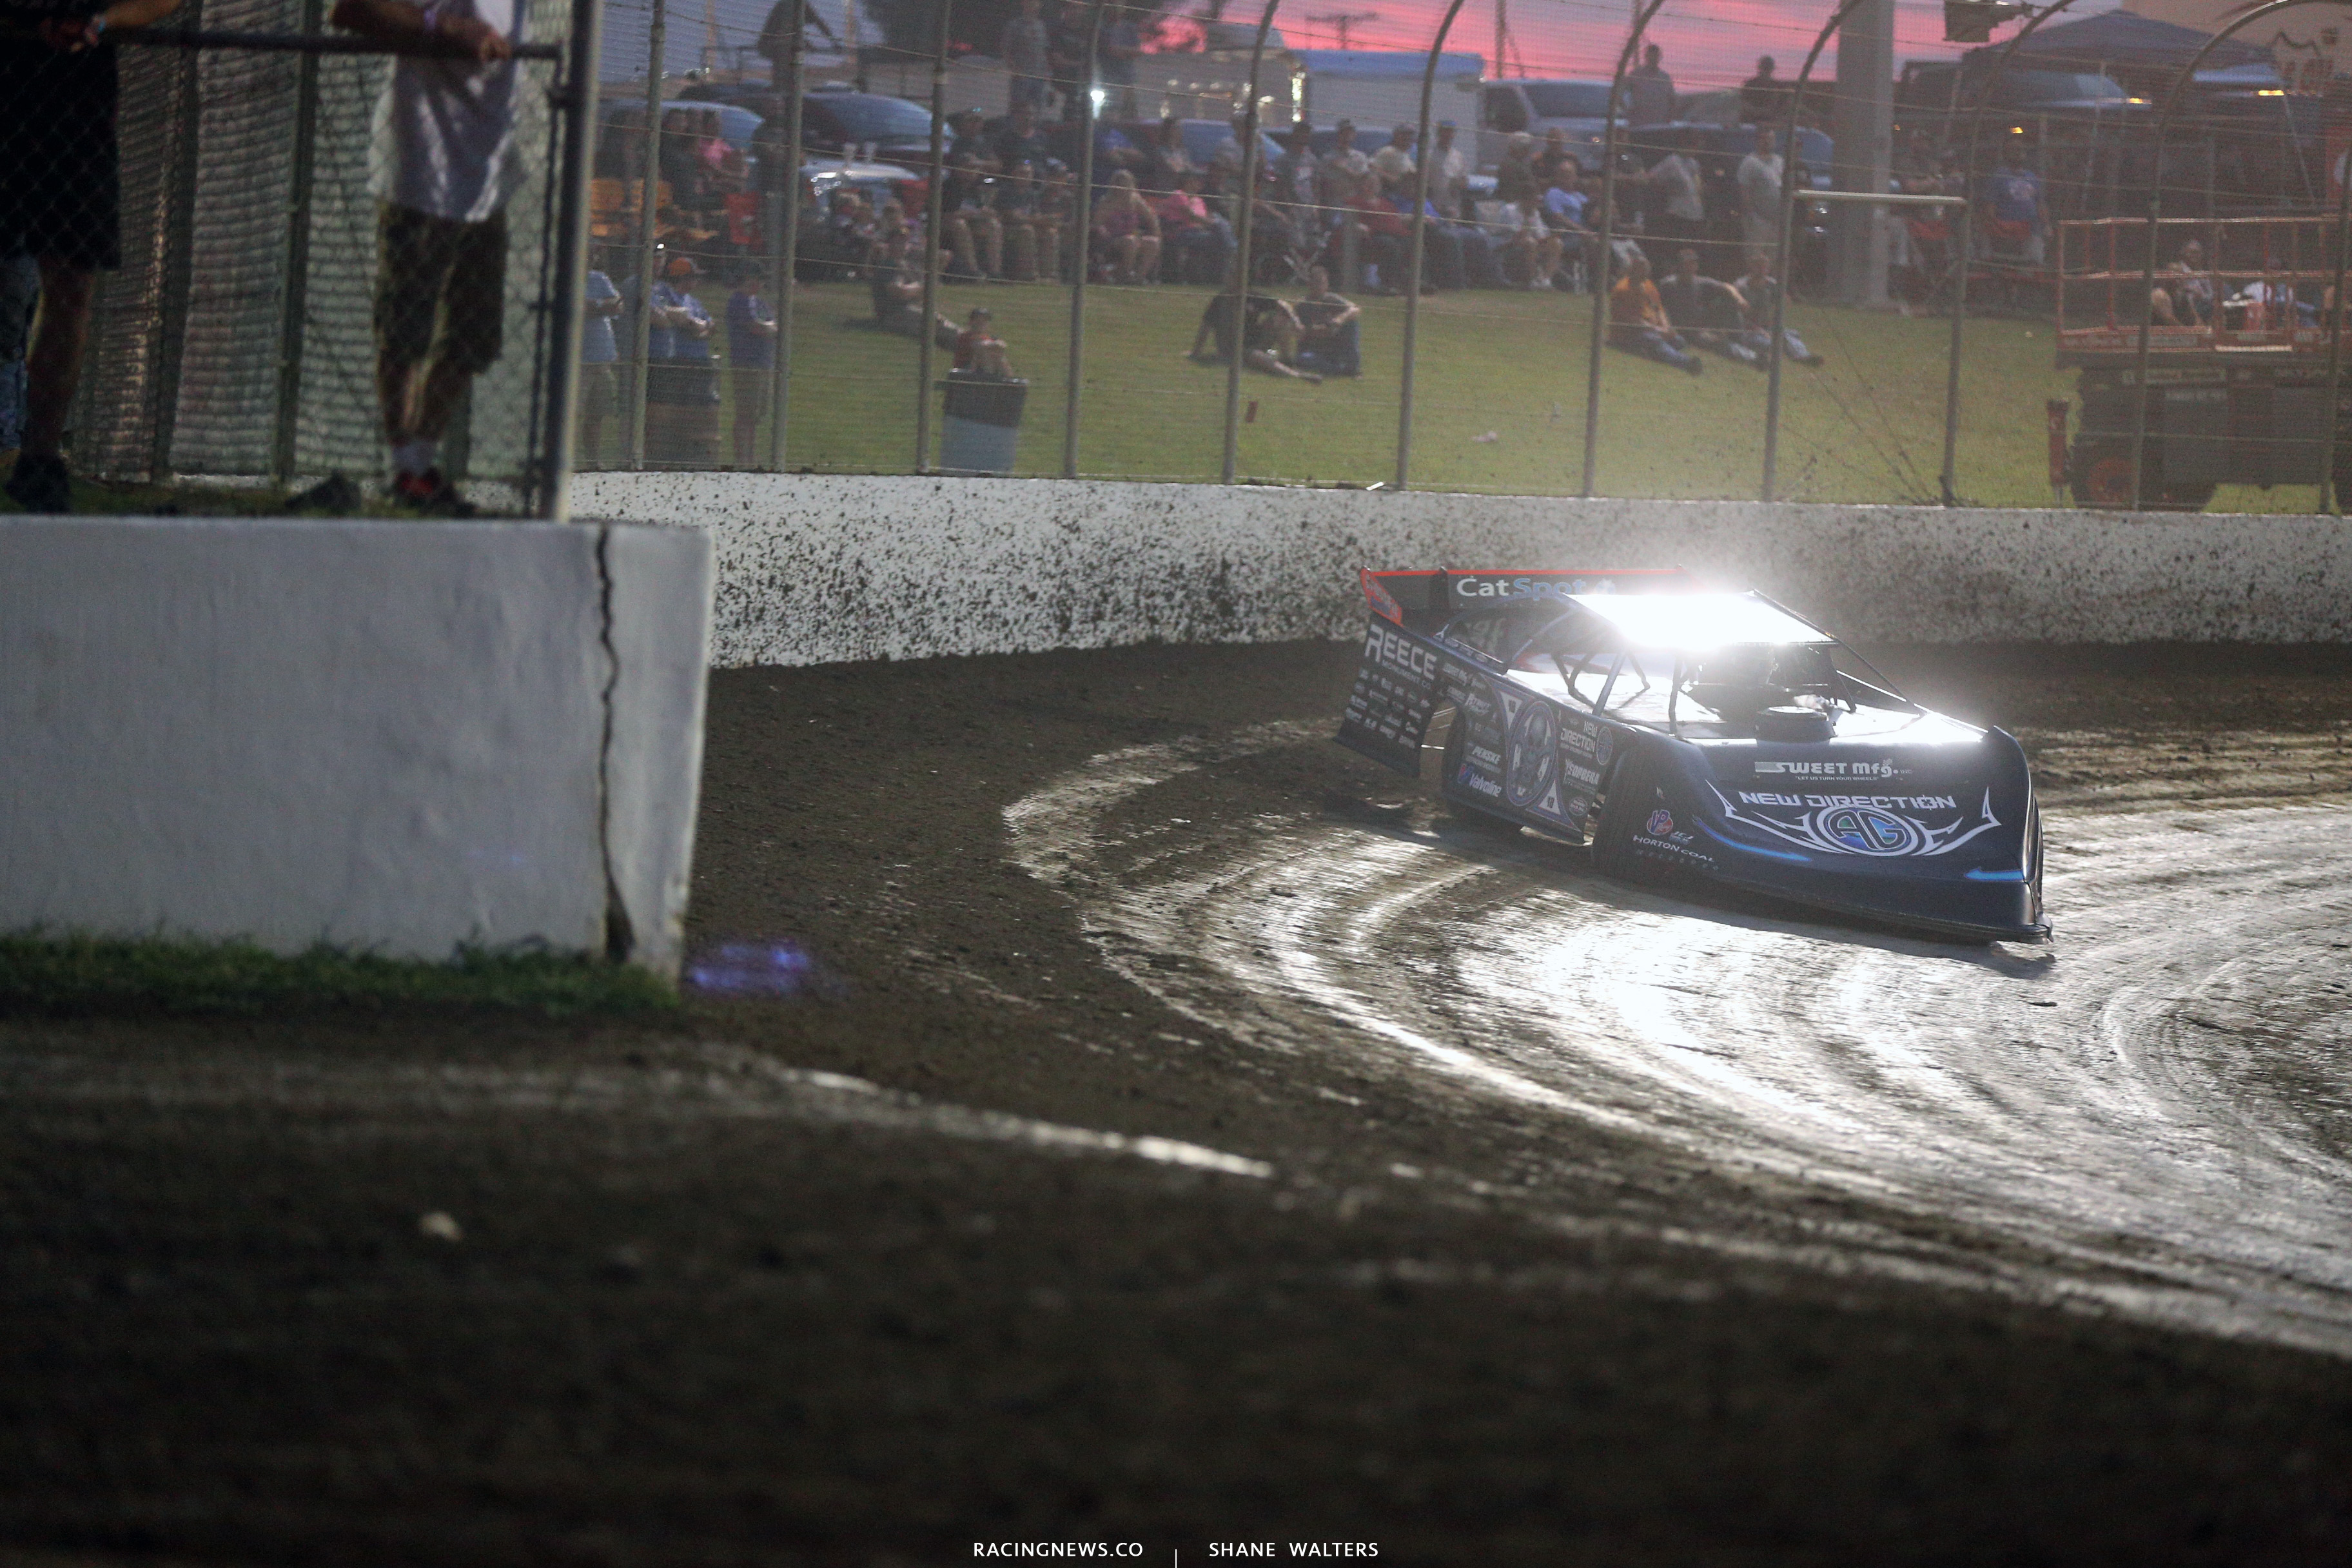 Magnolia Motor Speedway pit gate opening